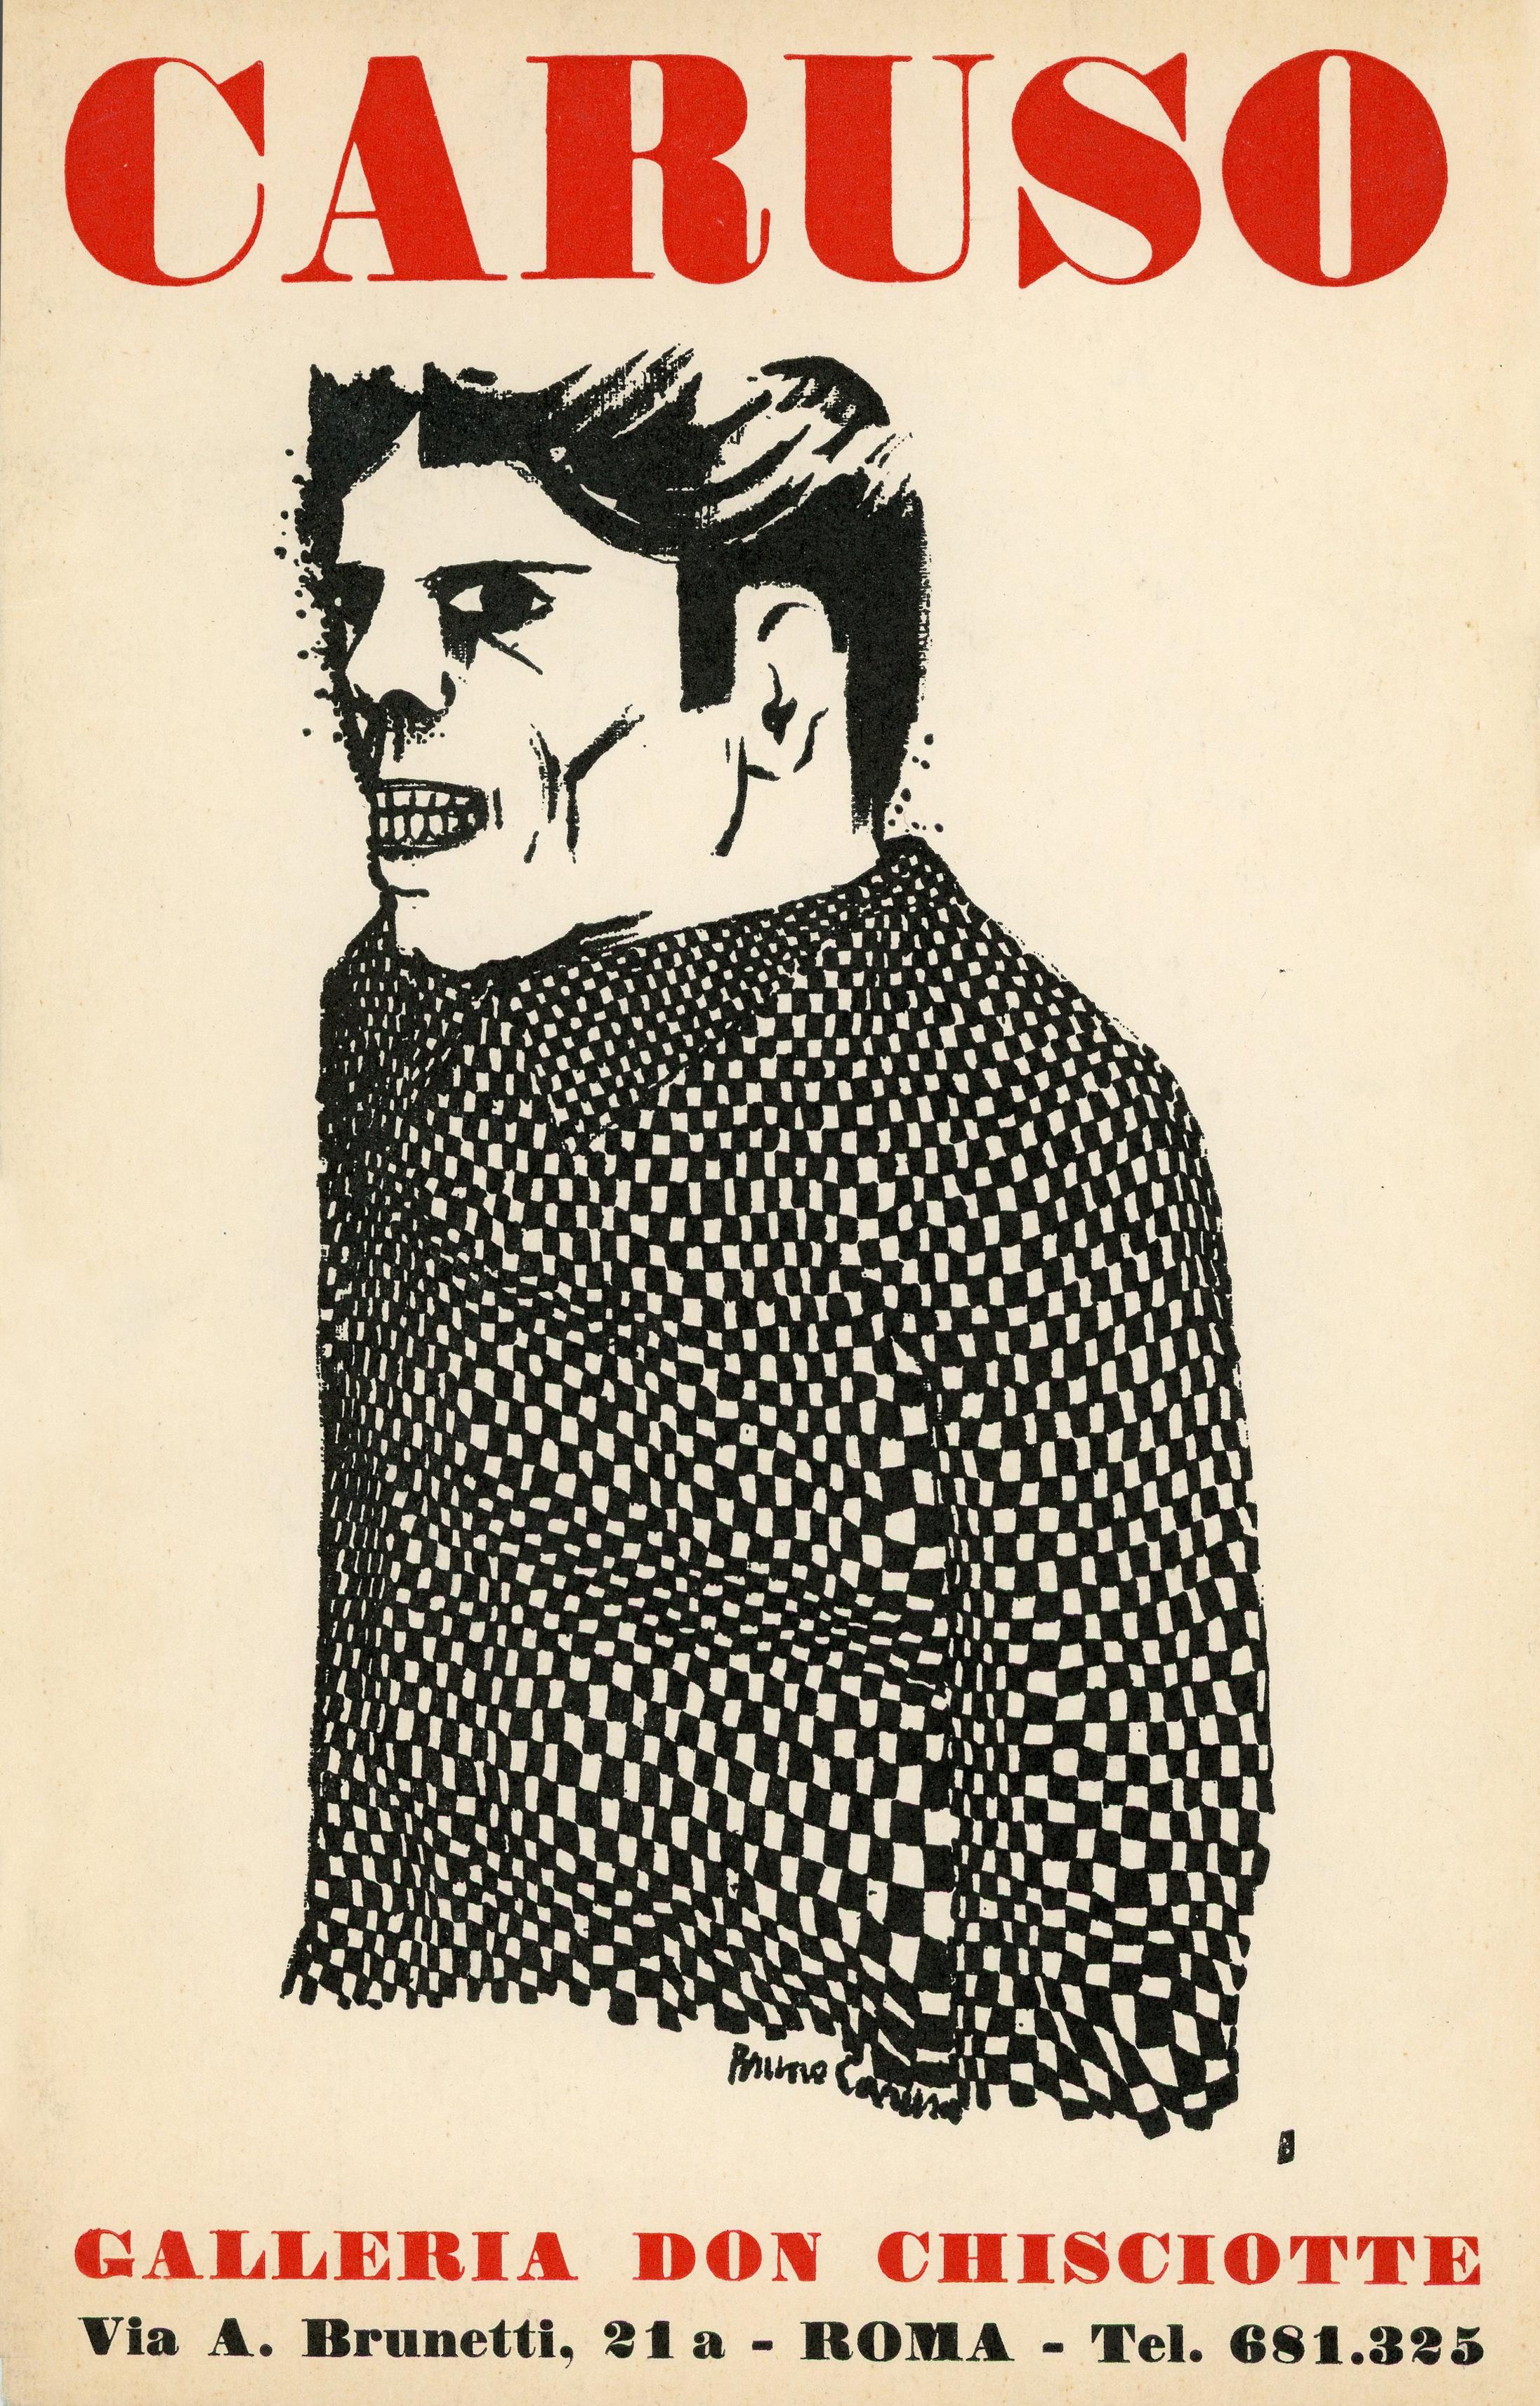 1963,  Rome , Galleria Don Chiscotte: Bruno Caruso